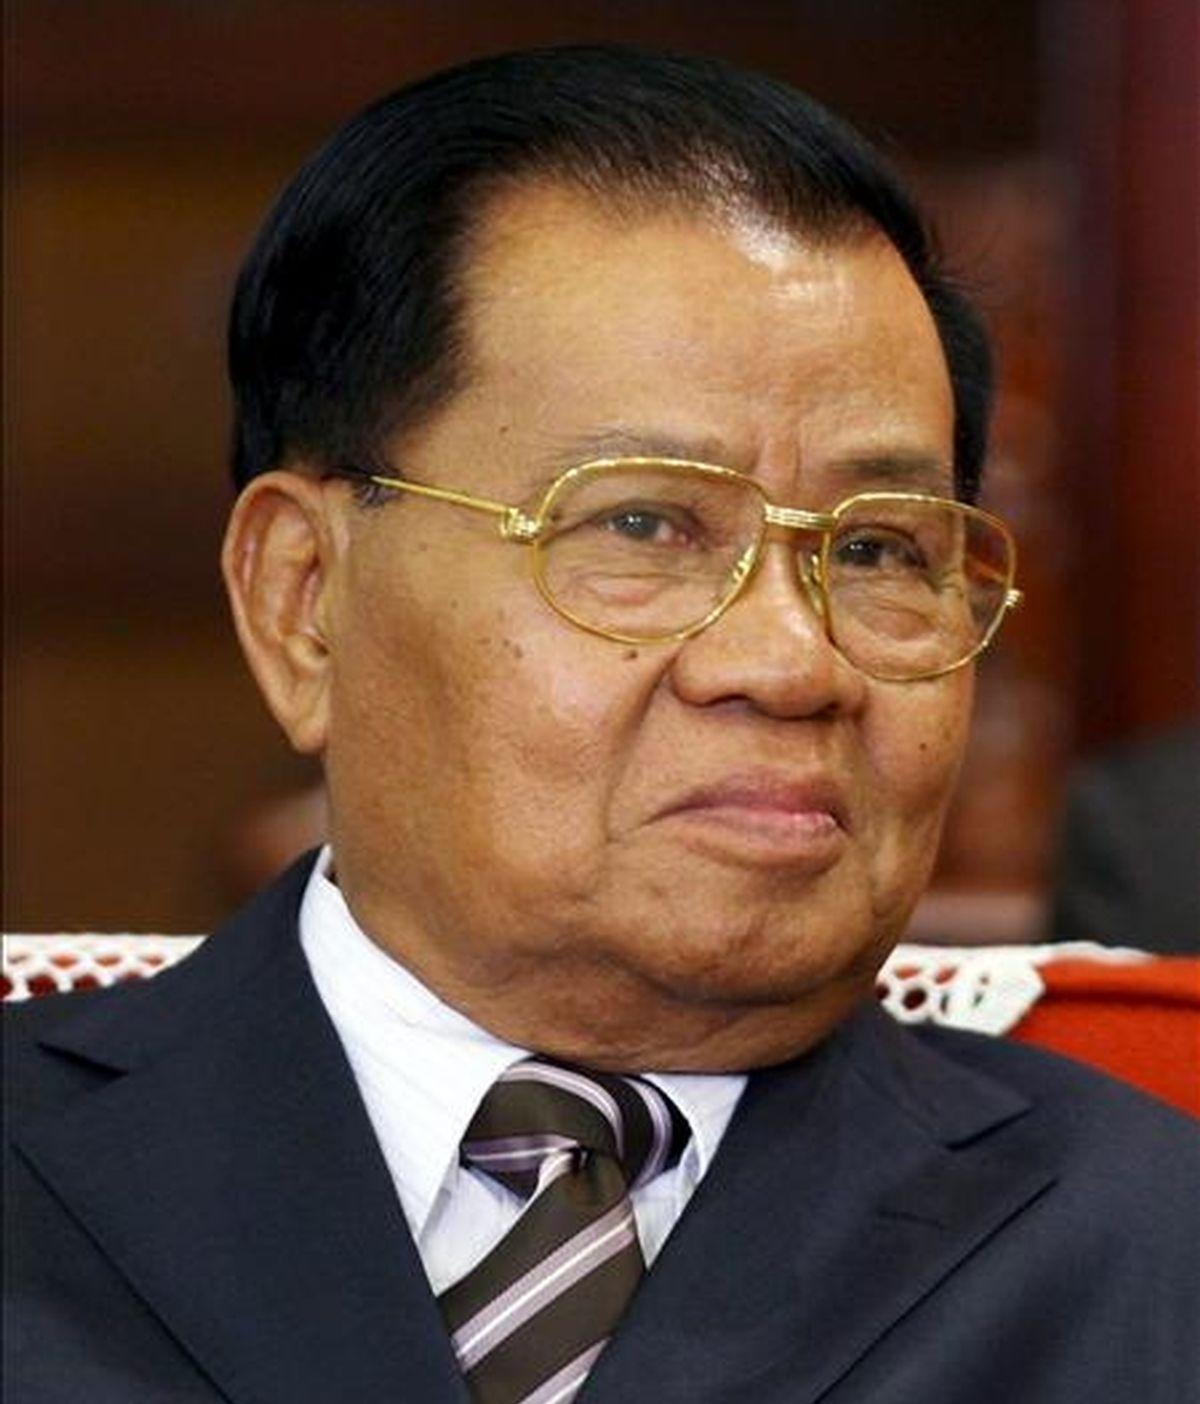 El jefe de la Junta Militar de Birmania, general Than Shwe. EFE/Archivo